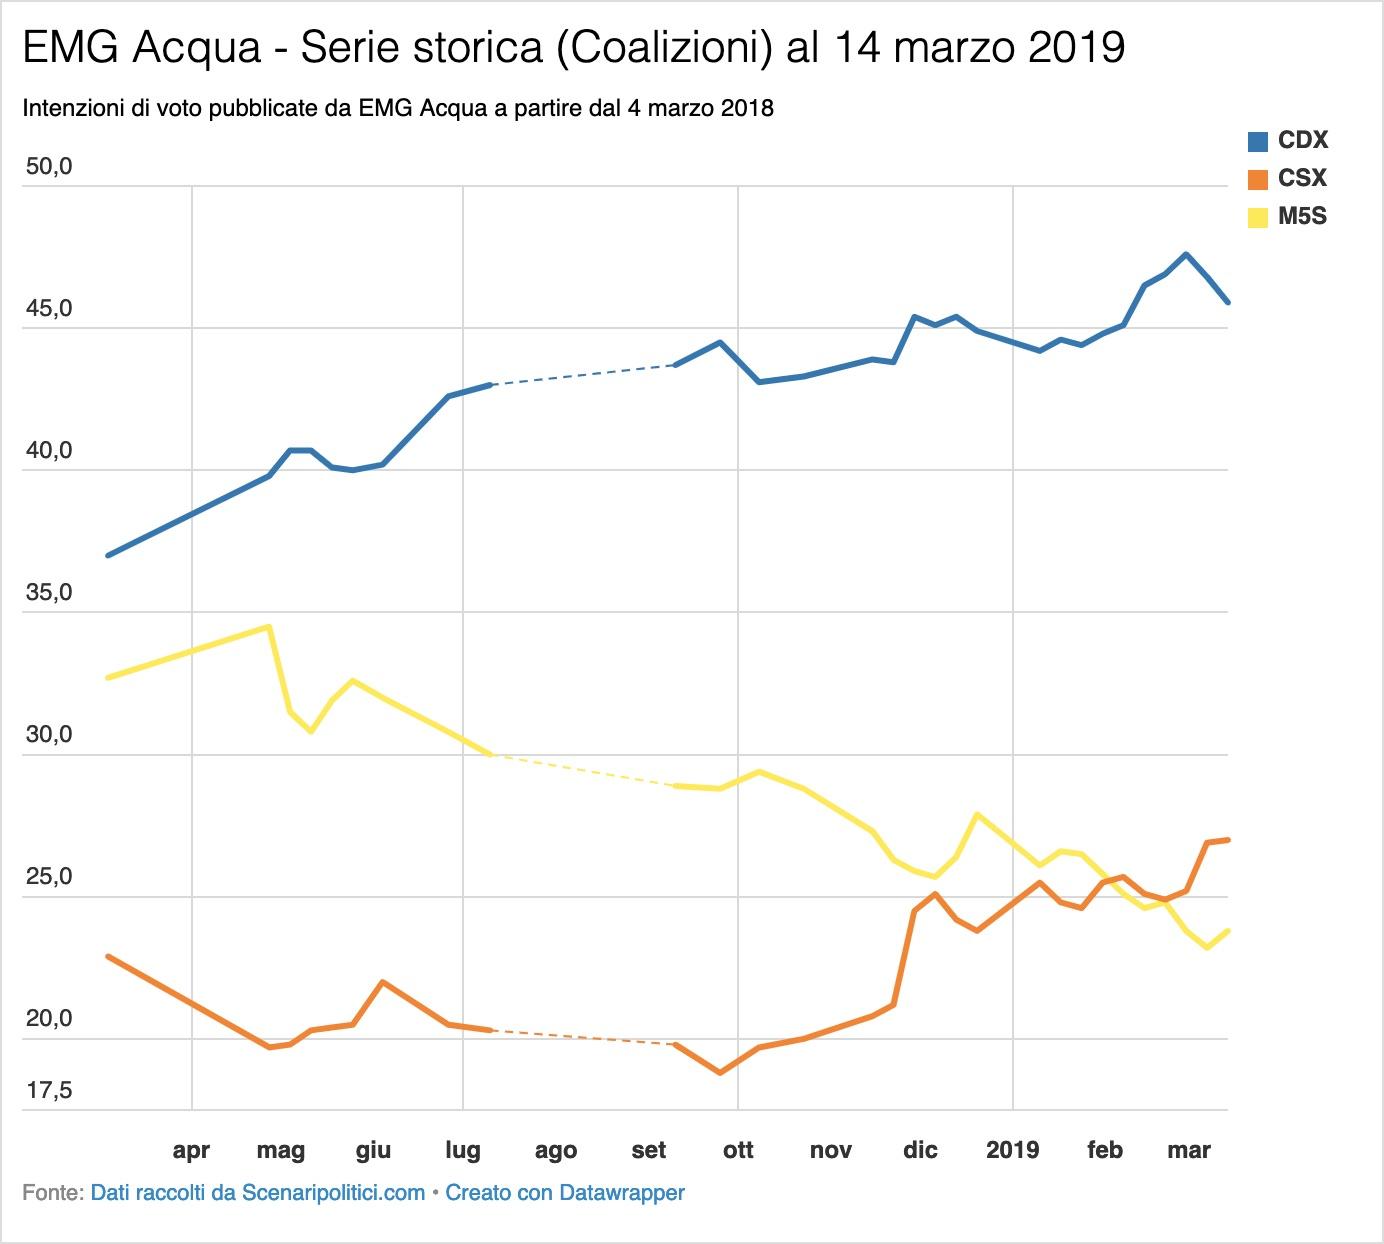 Sondaggio EMG Acqua 14 marzo 2019